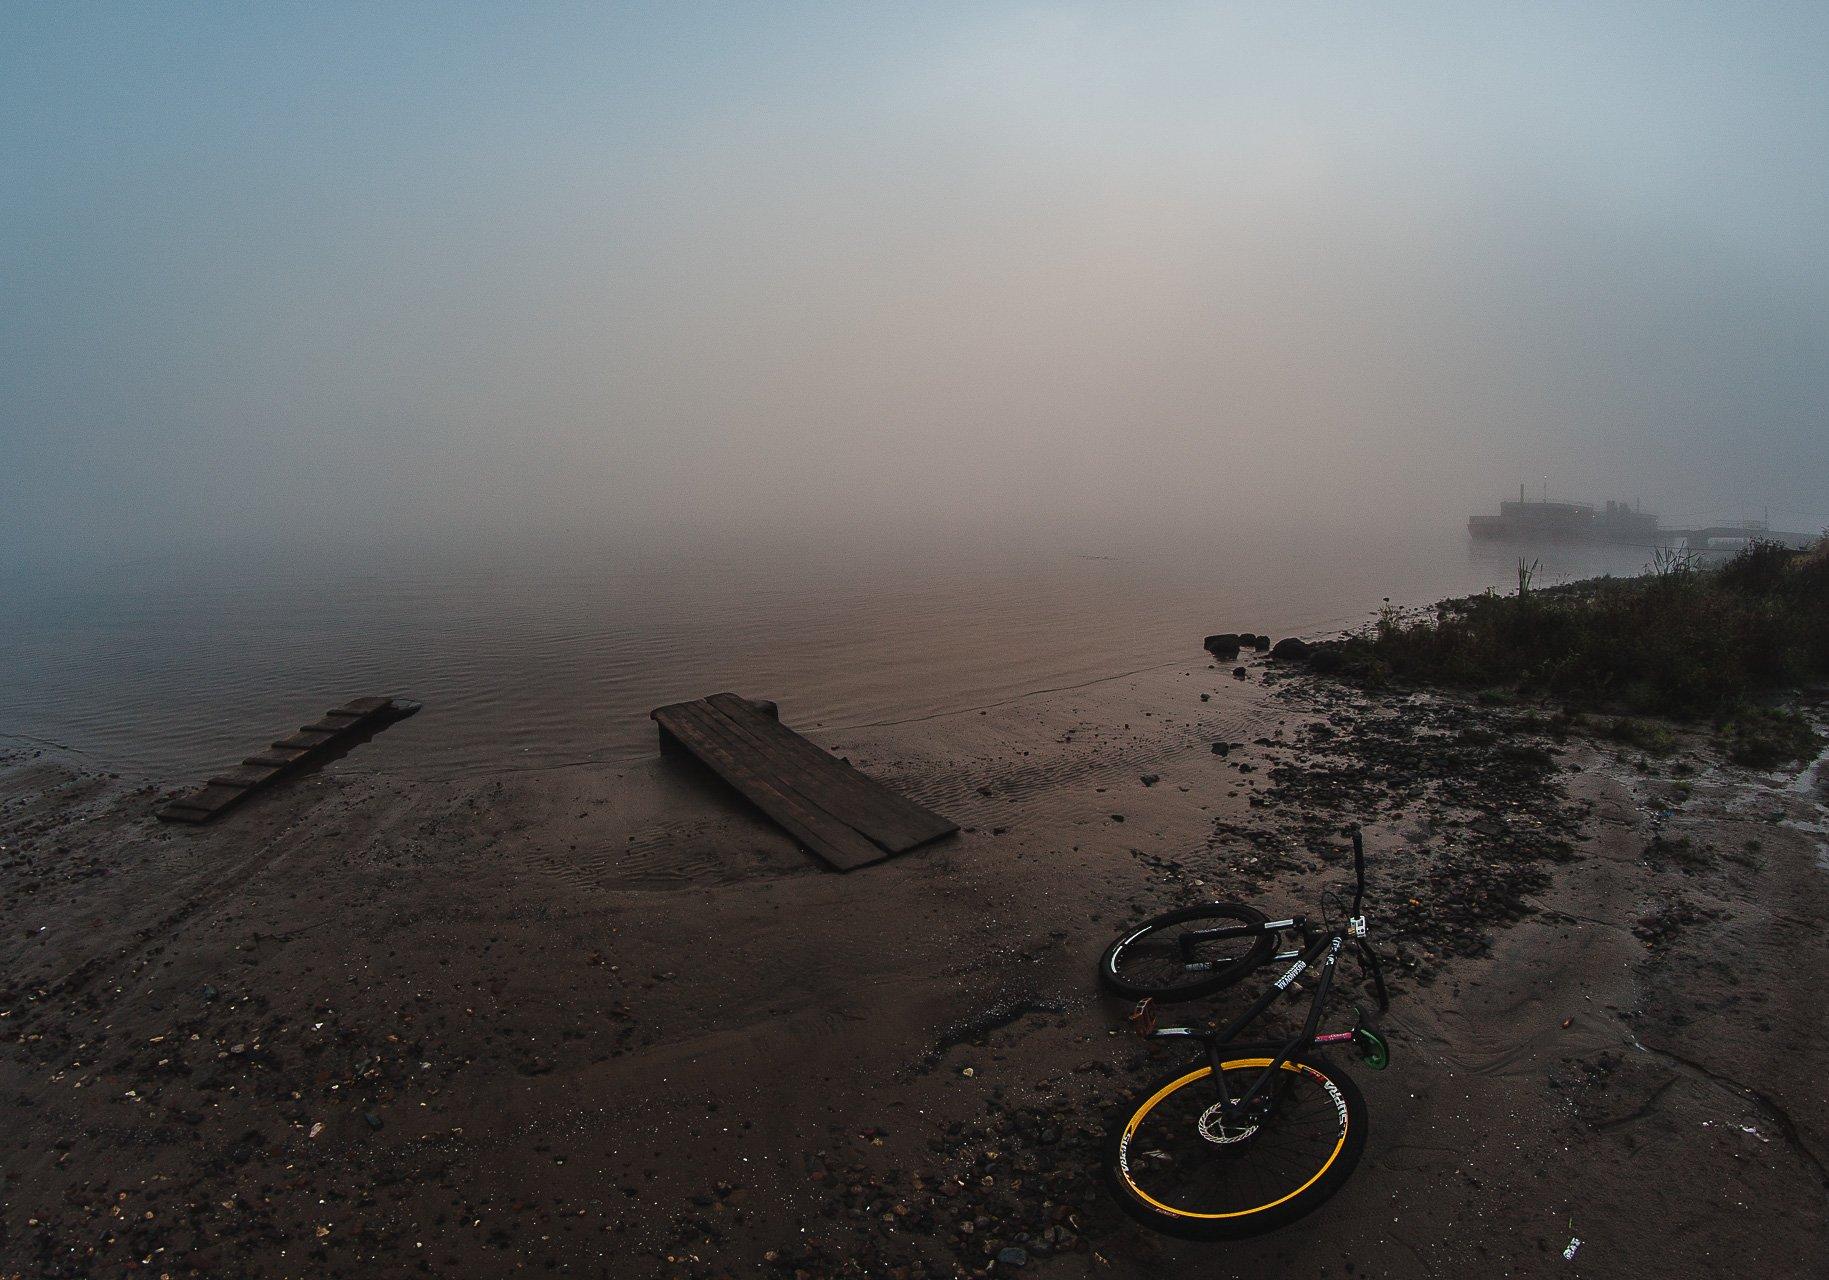 Велосипед, Пейзаж, Река, Туман, Утро, Воронин Вова